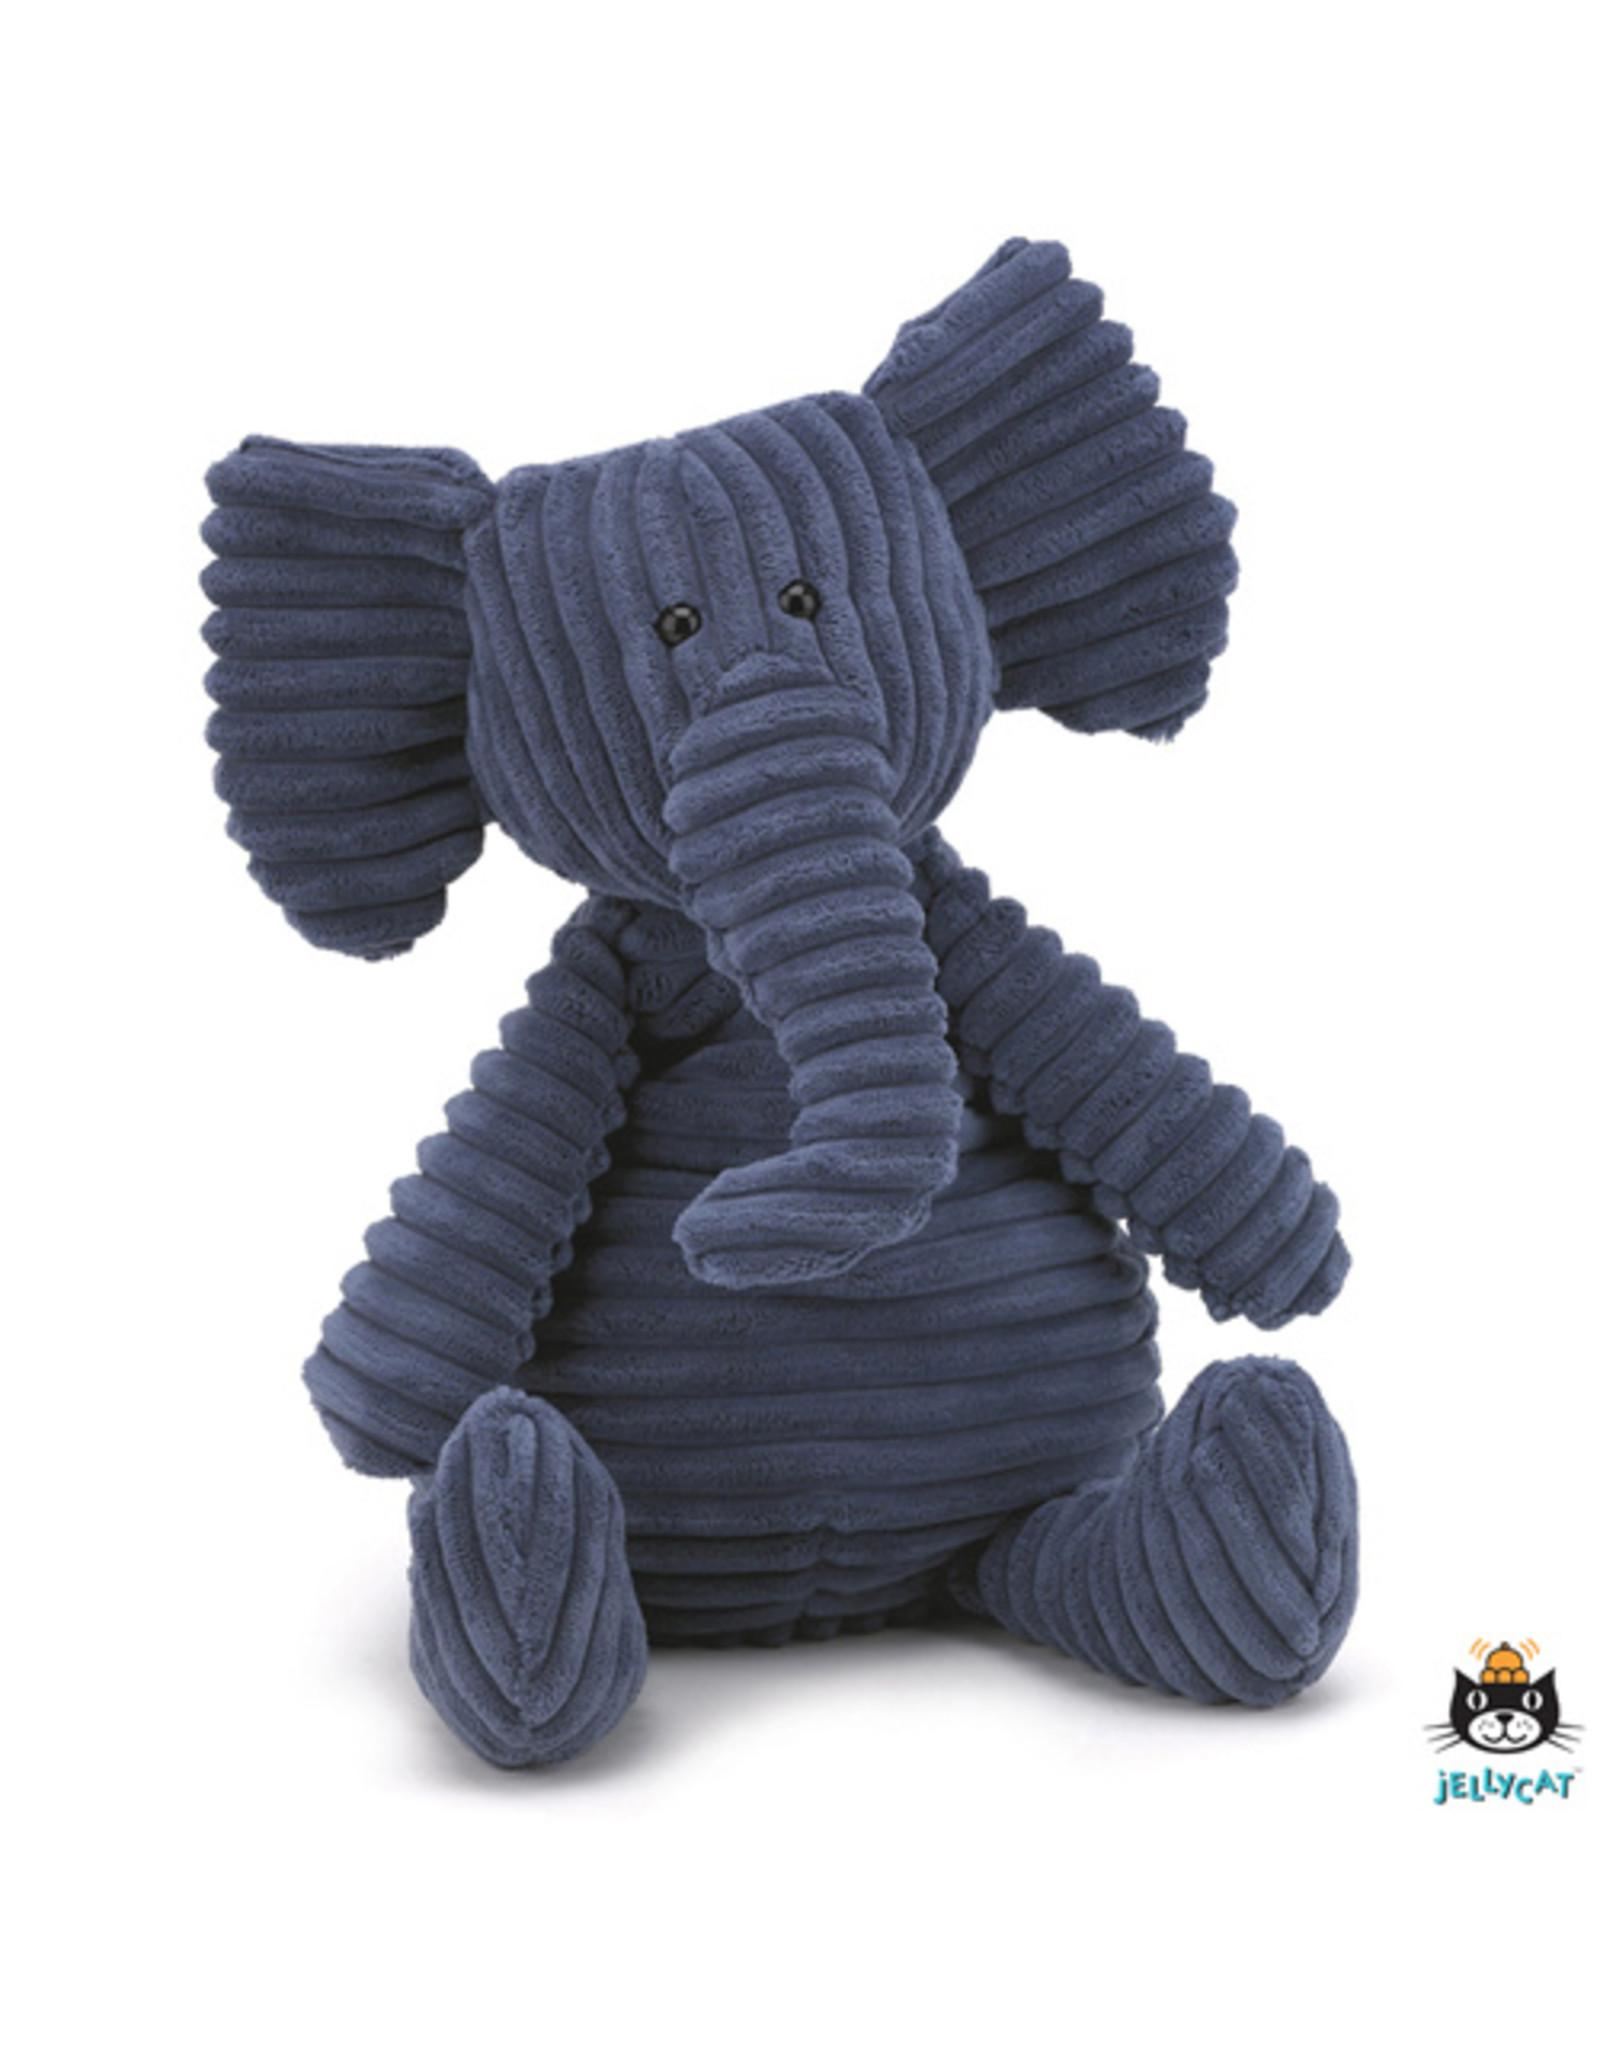 Jellycat knuffel - CordyRoy Elephant - medium